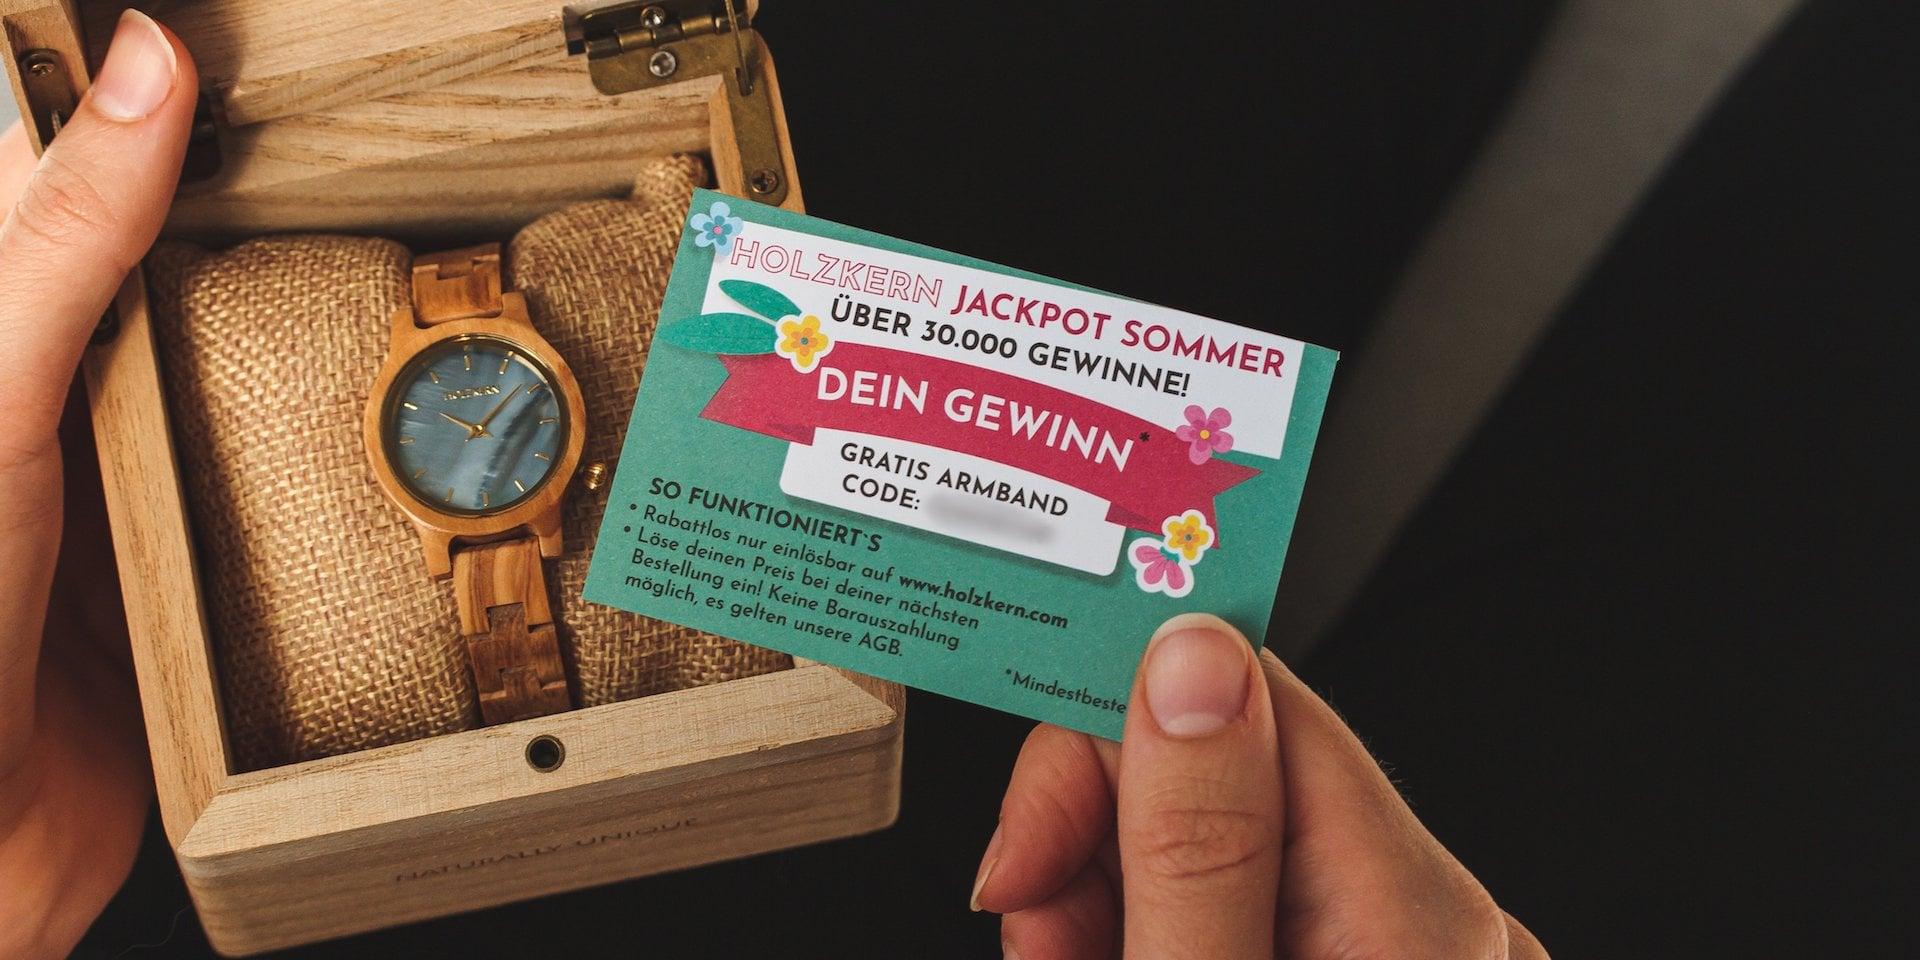 Holzkern Jackpot Sommer Los